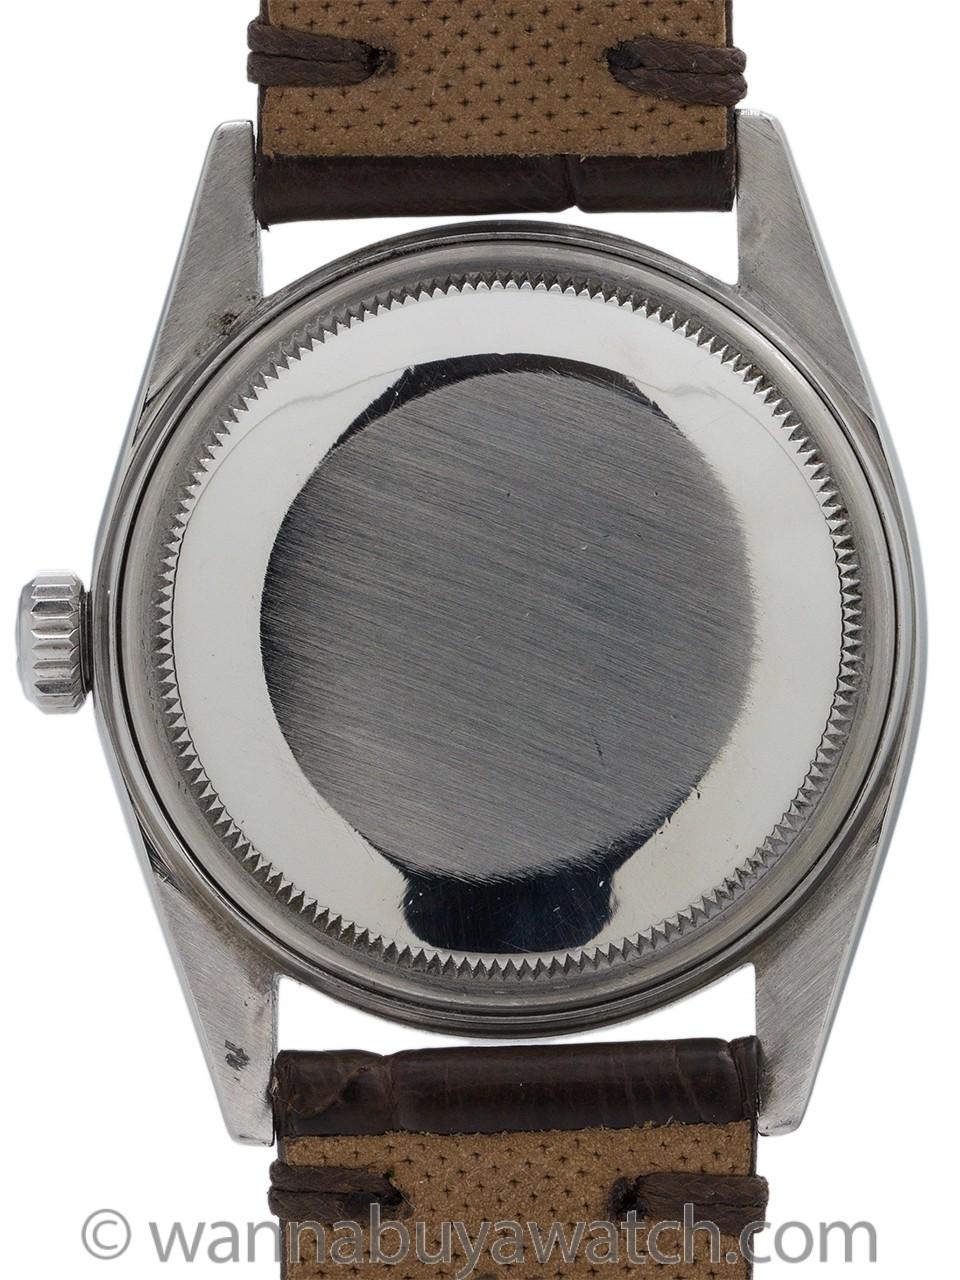 Rolex Datejust Stainless Steel ref 1601 circa 1963